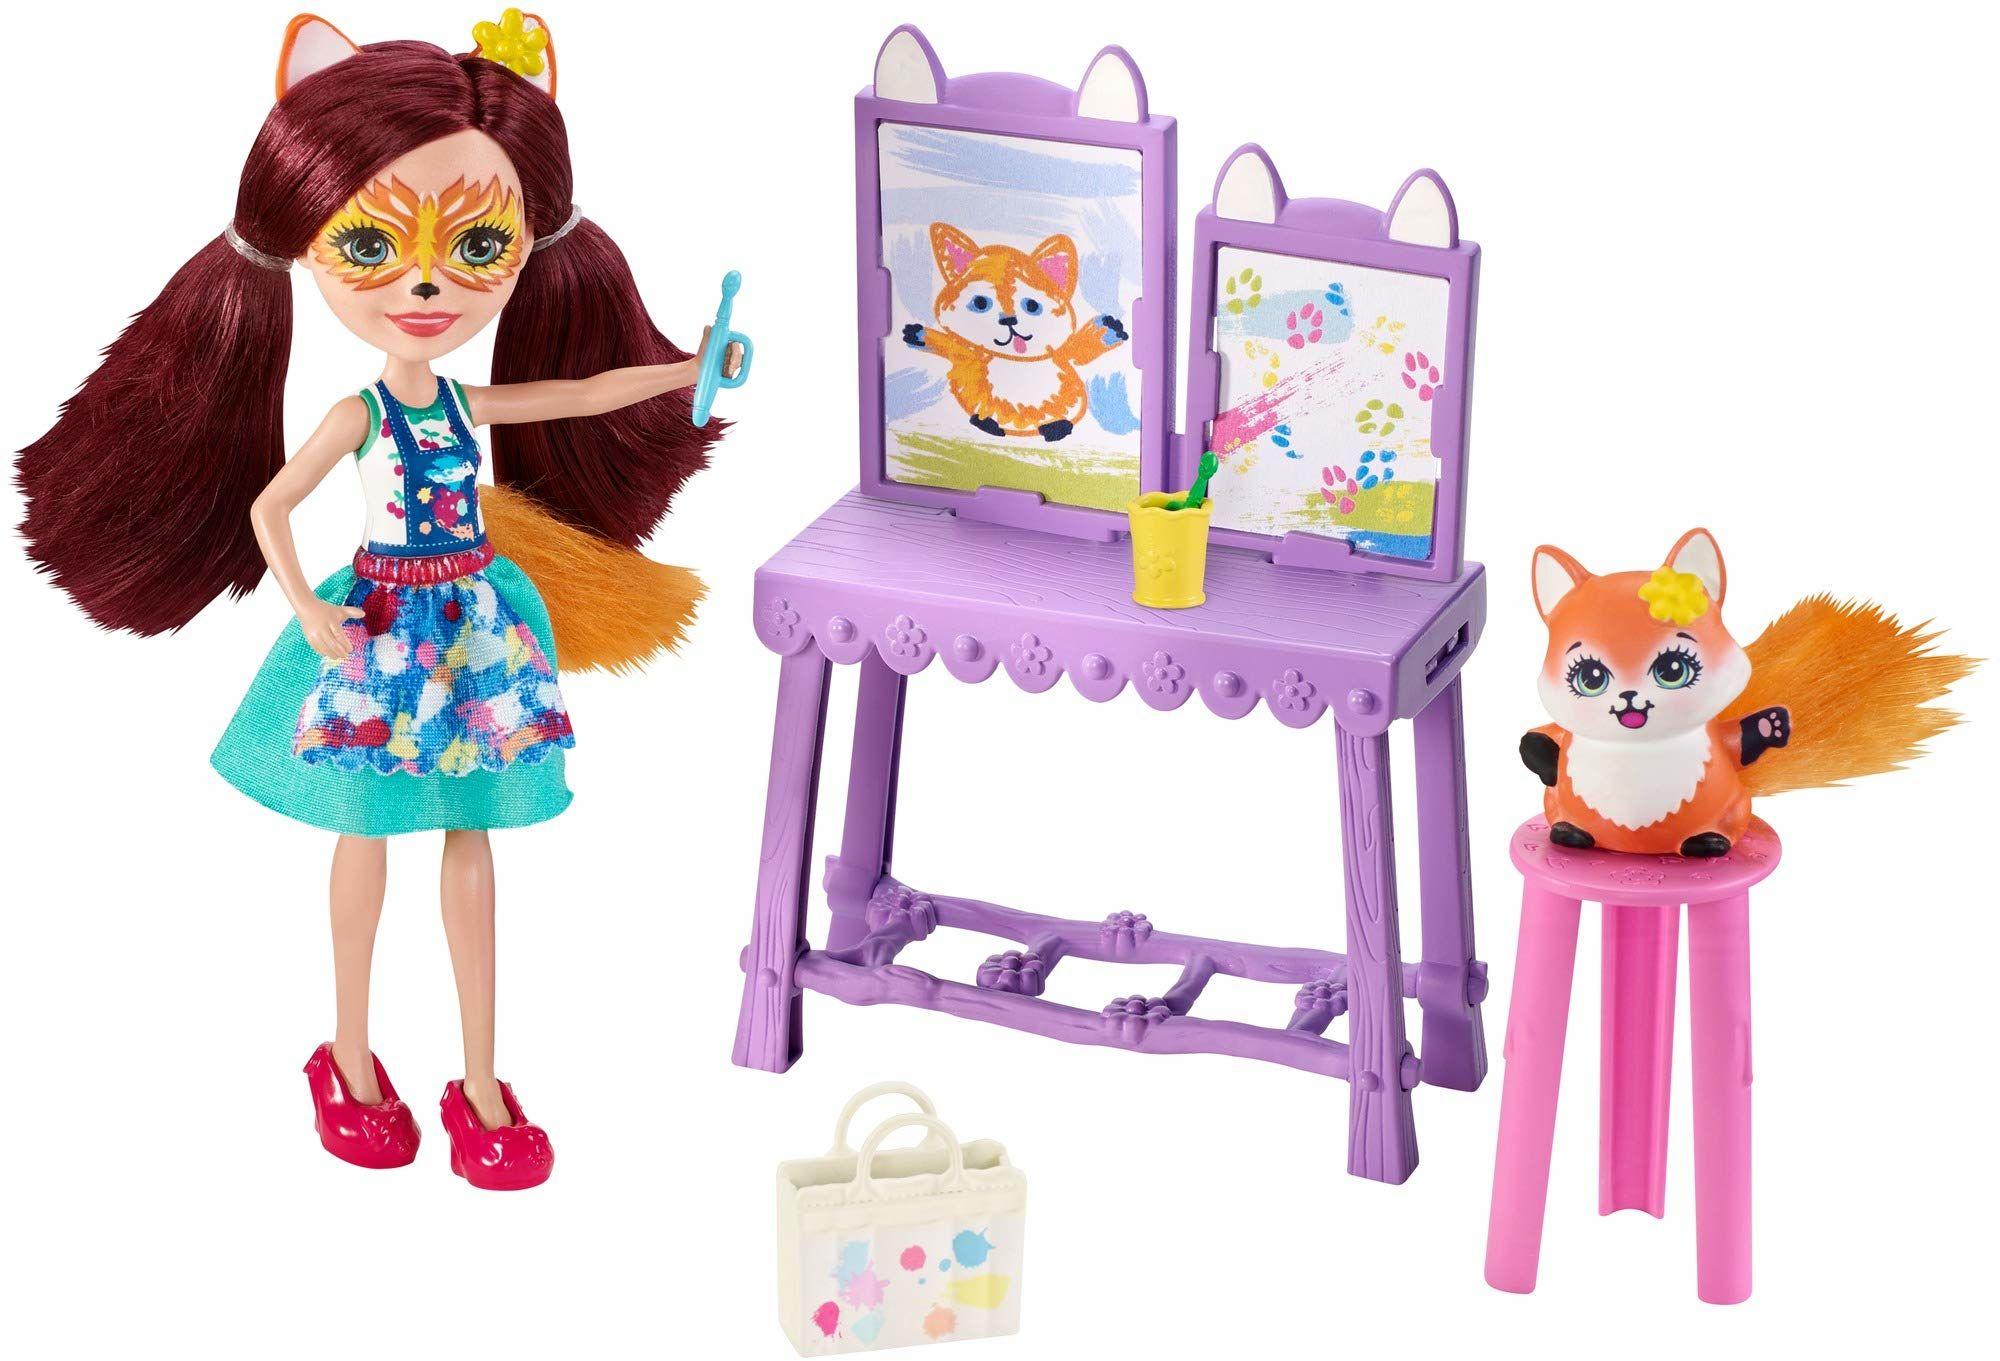 Enchantimals GBX03 Art Studio Playset z sztalugą i akcesoriami - lalka Felicity Fox i Flick figurka zwierzęca, wielokolorowa, 15 cm